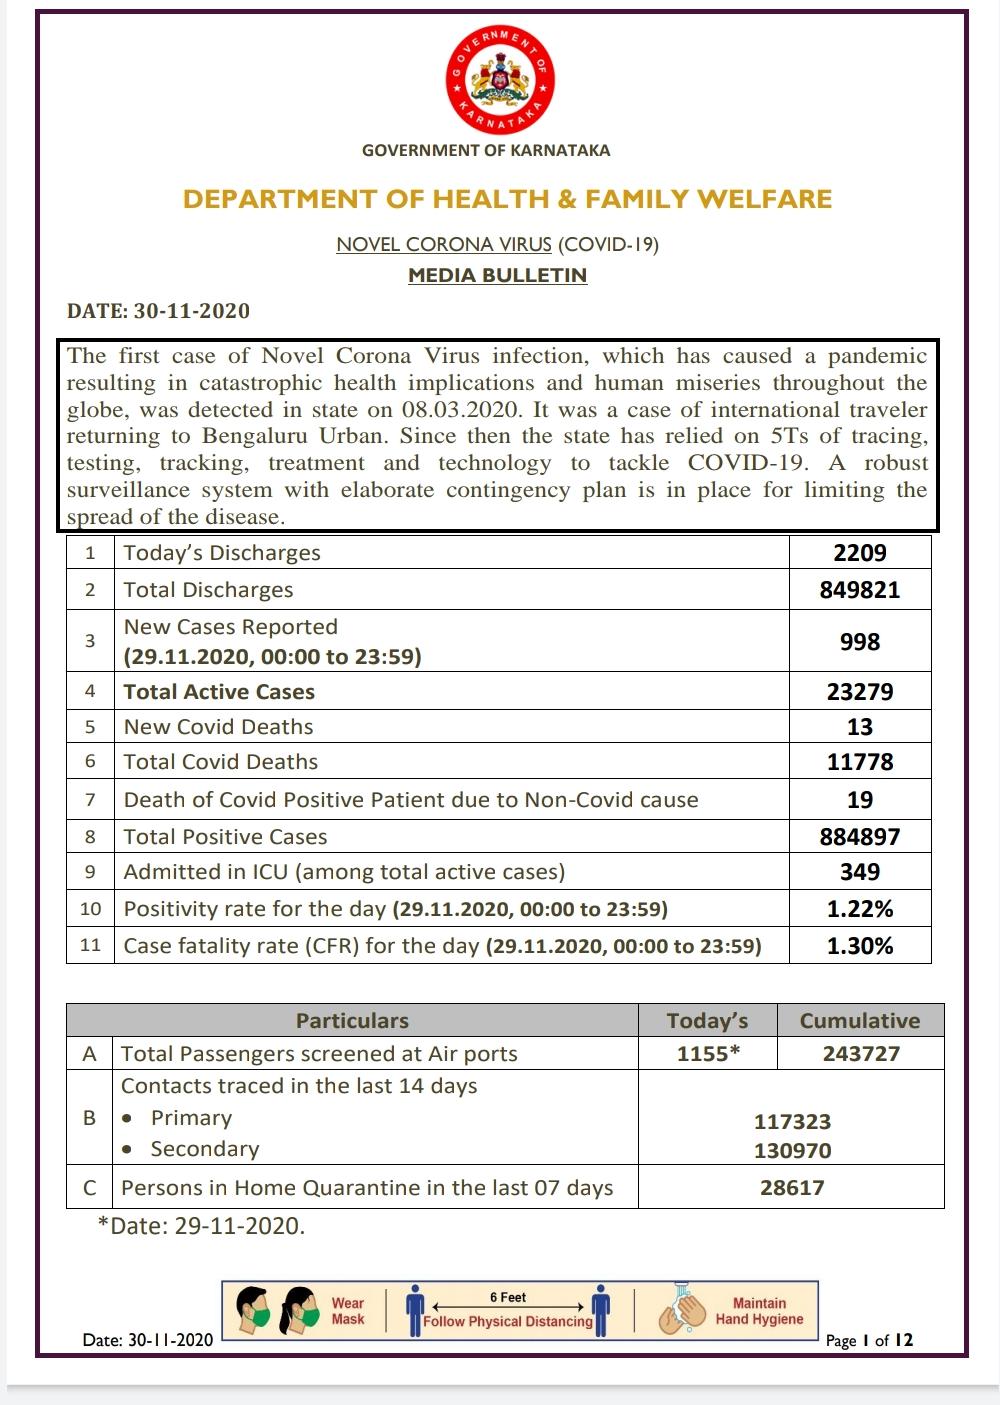 30-11-2020 Today kovid-19 health bulletin